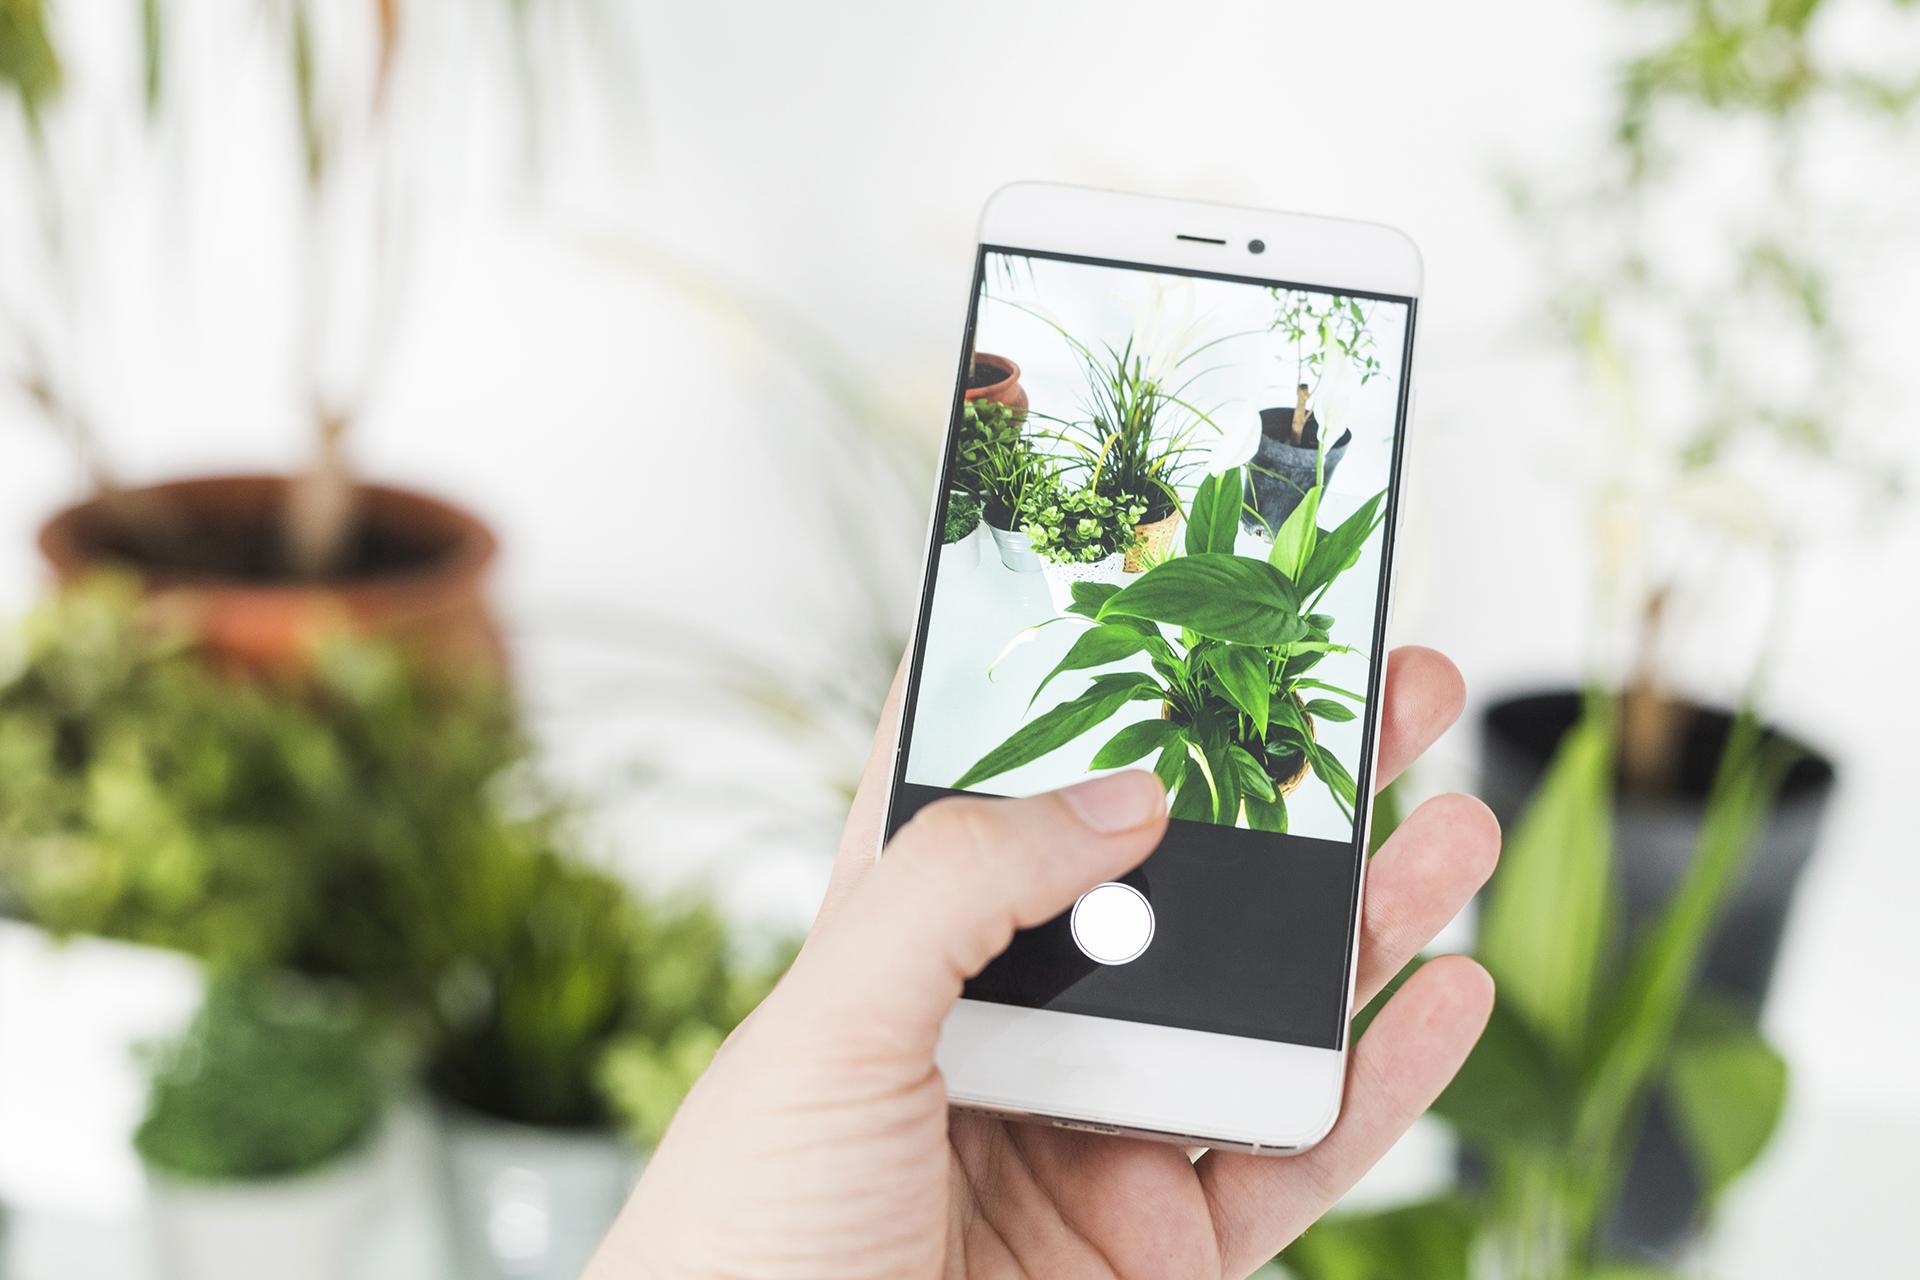 Taller de fotografia digital